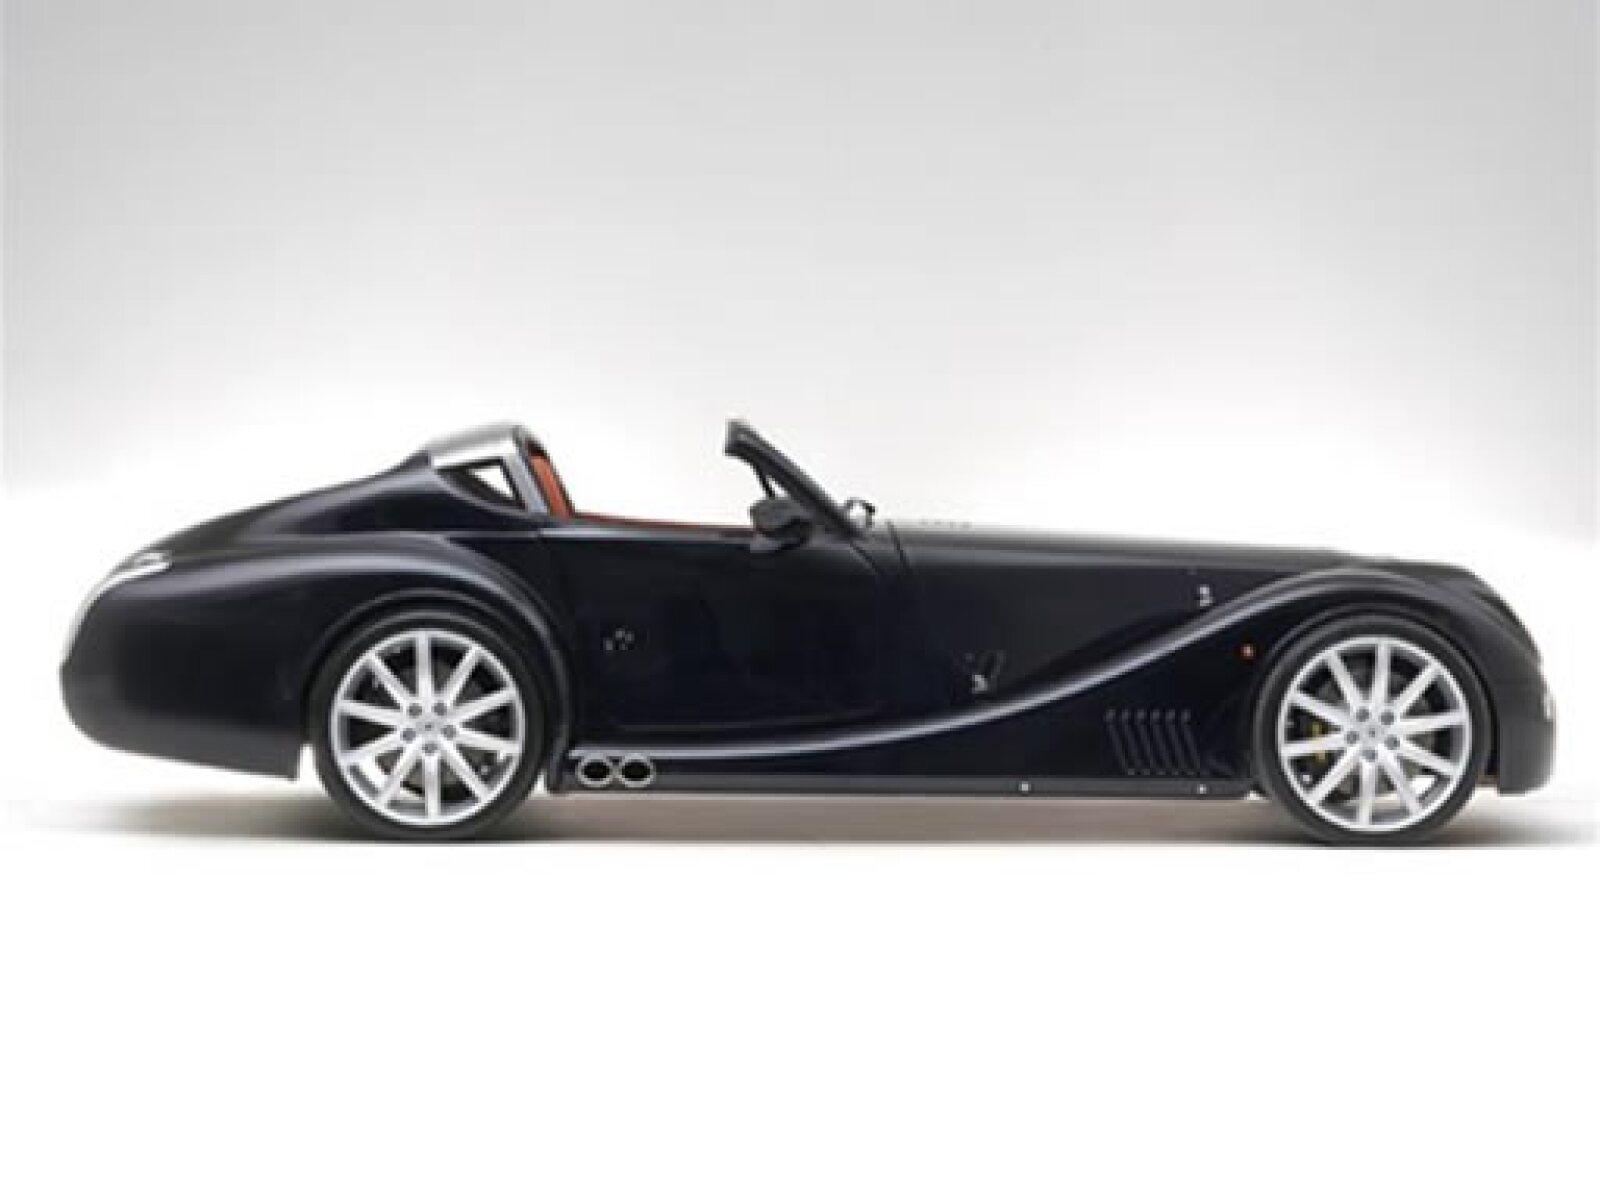 La lista de espera para un automóvil es de aproximadamente de uno a dos años. Tal fue la demanda del Coupe AeroMax, que Morgan ha tomado la decisión de producir el Aero Super Sports.